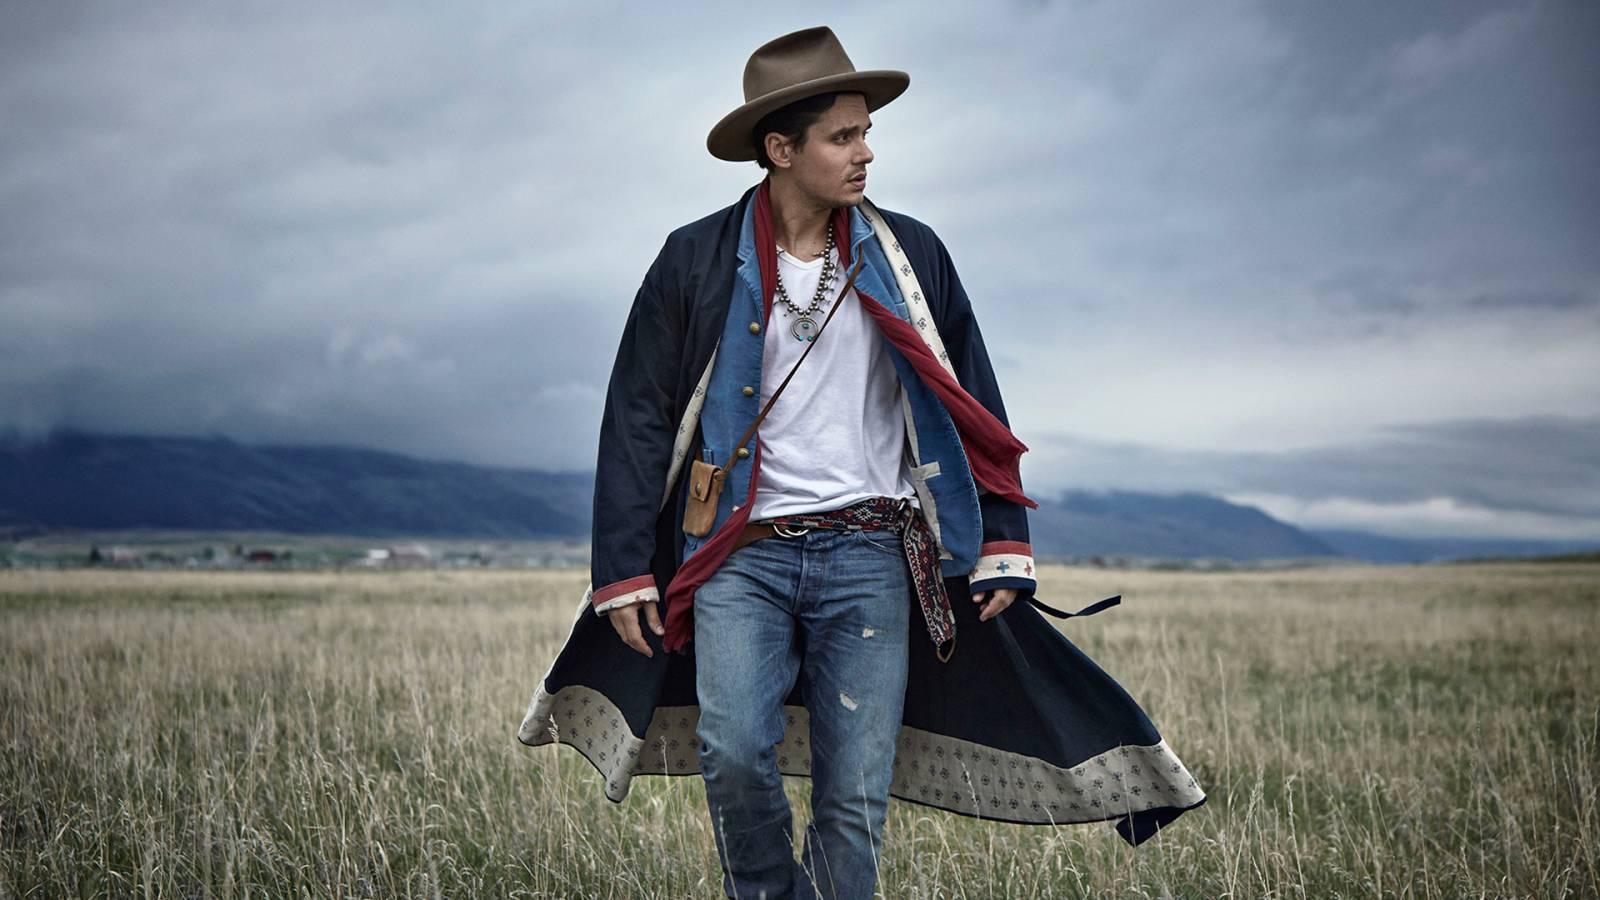 RECENZE: John Mayer vydává album po kouskách. První vlna je překvapivá i očekávaná